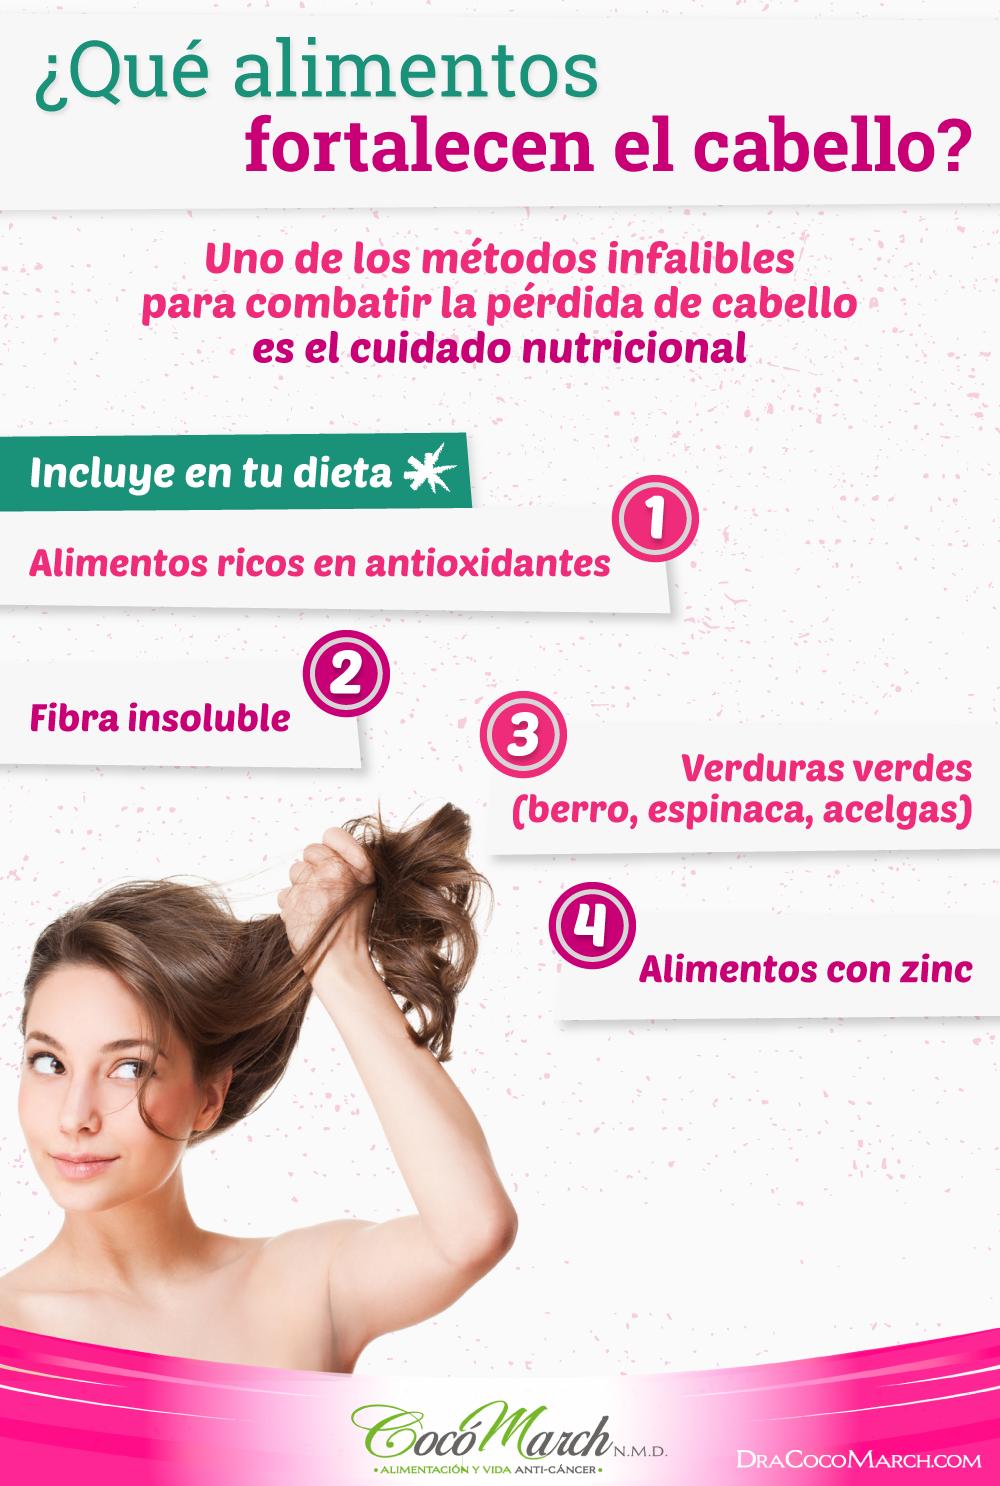 alimentos-que-fortalecen-el-cabello